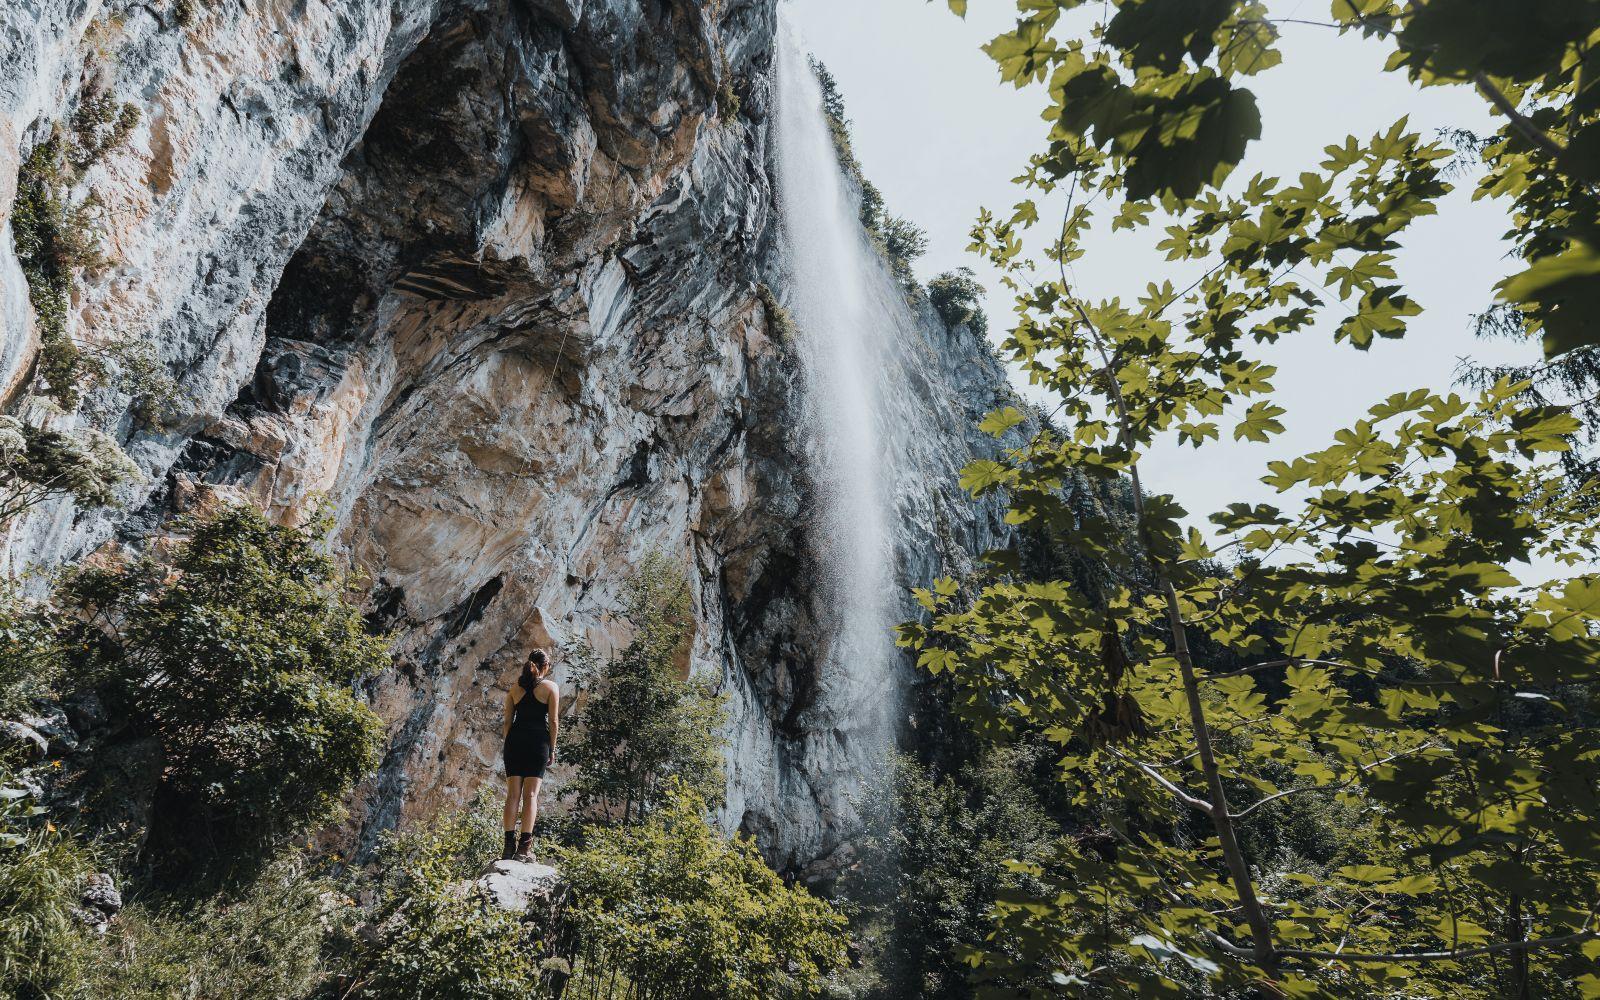 #3 Schleierwasserfall